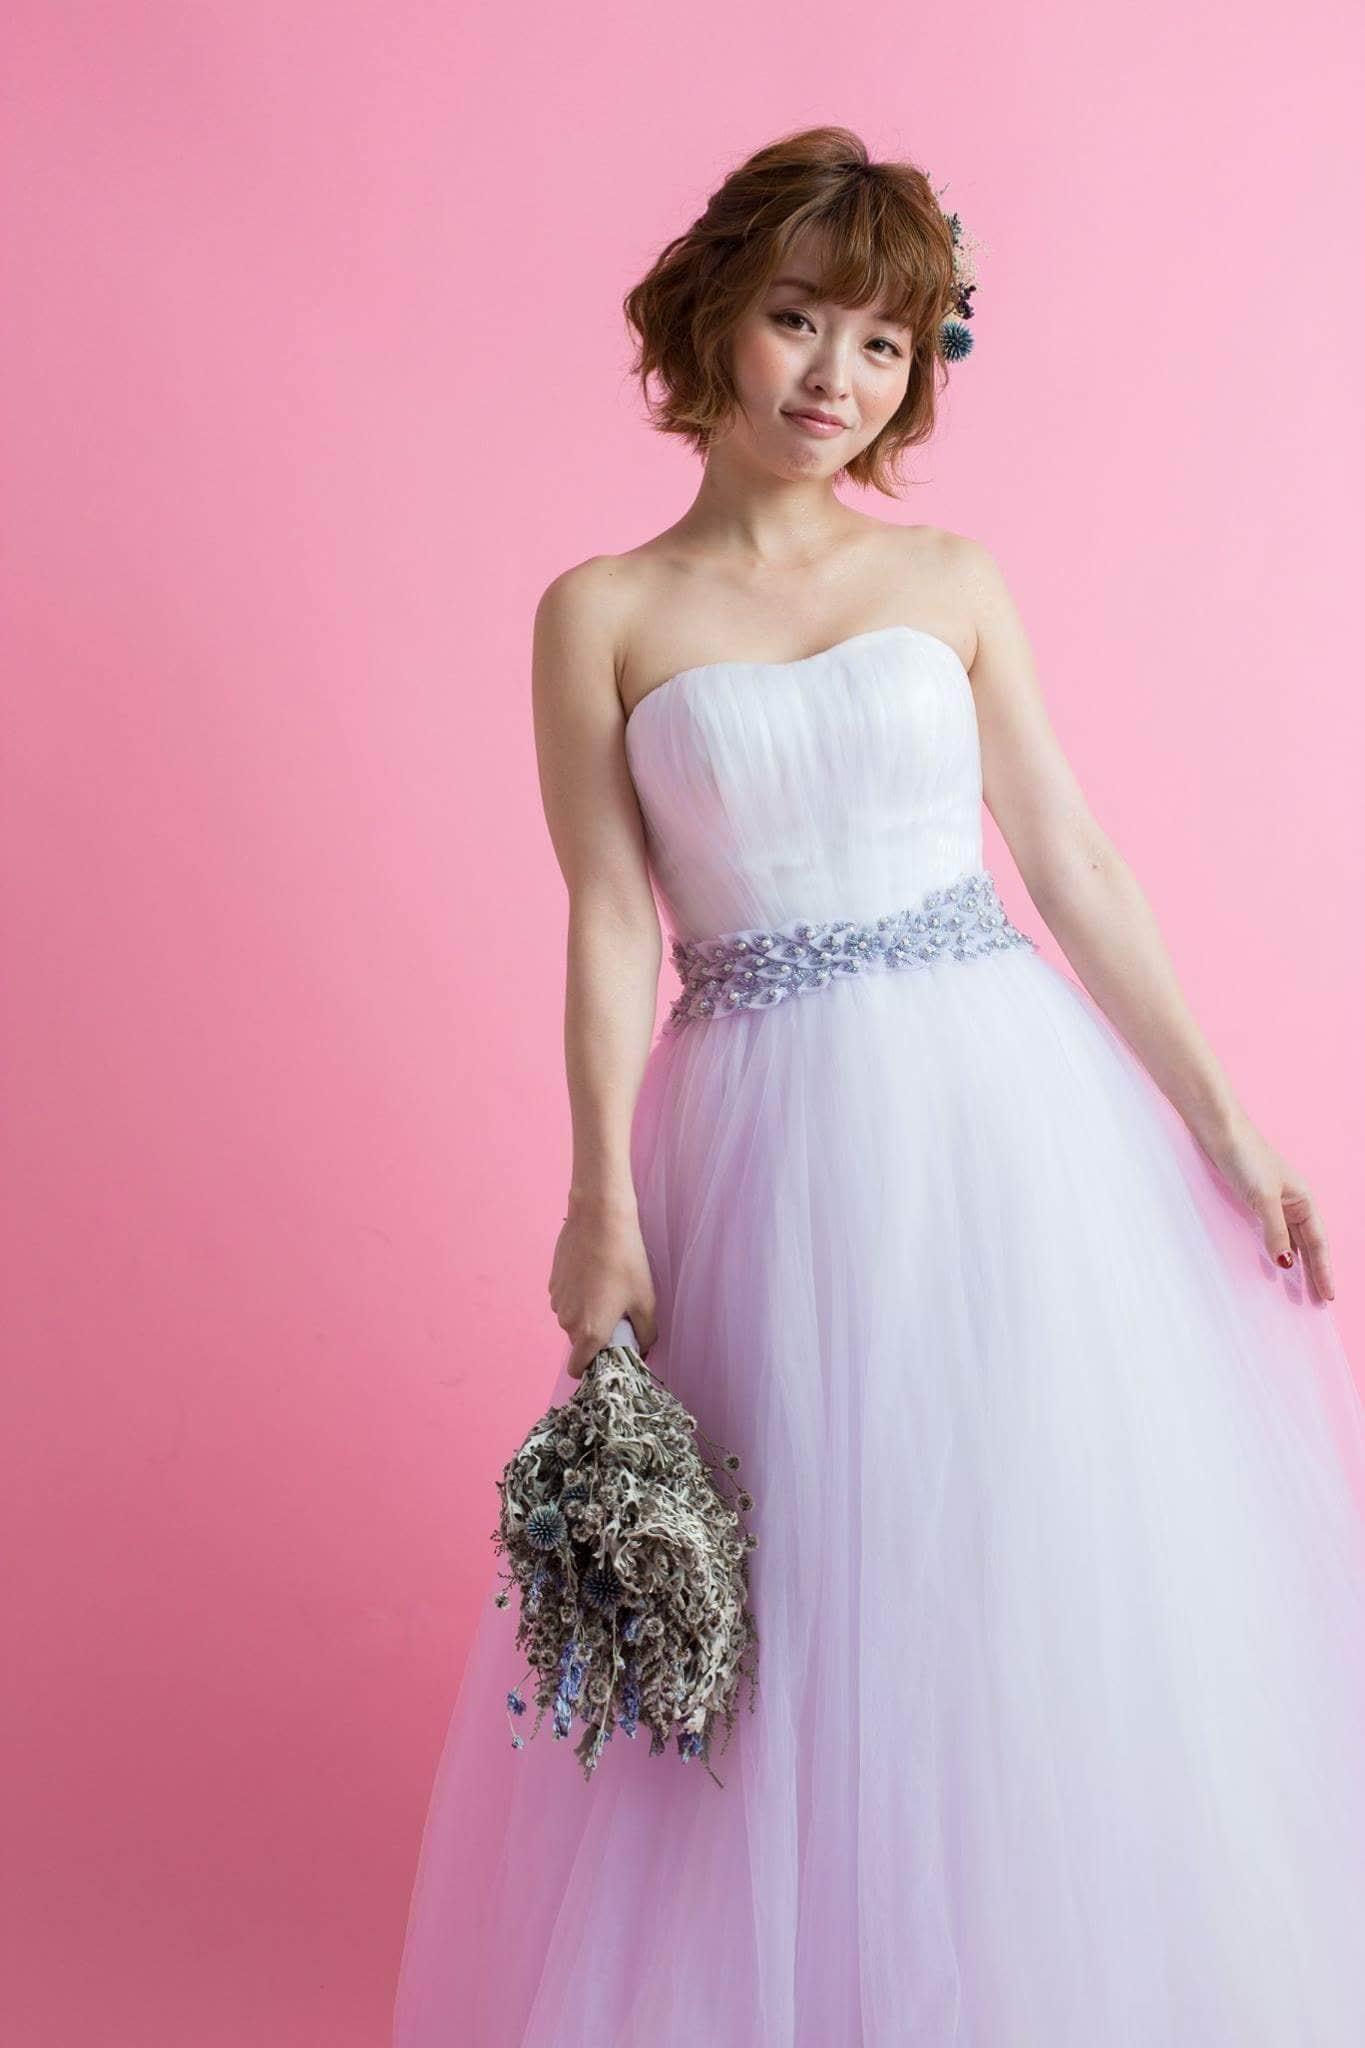 レンタルウエディングドレス(ふんわりラベンダー)のイメージその3